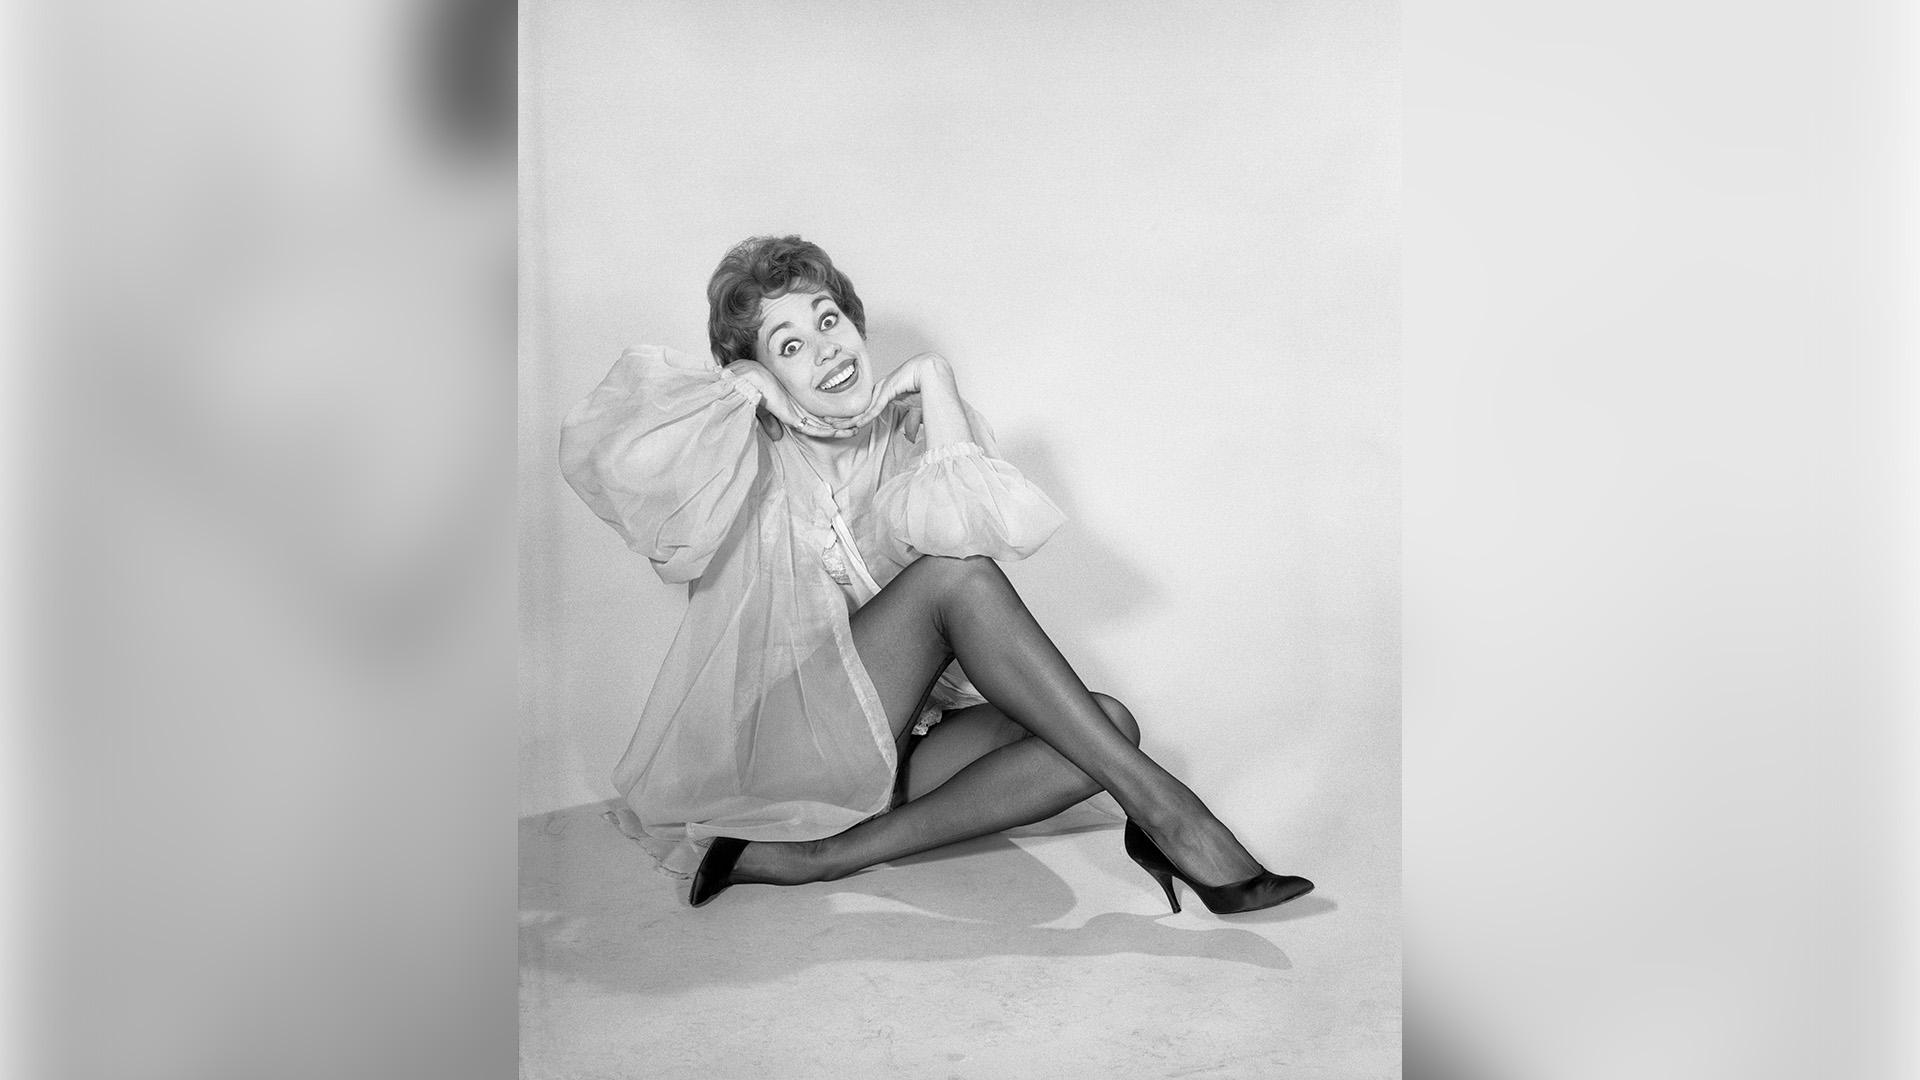 Carol Burnett giving good face on The Carol Burnett Show.